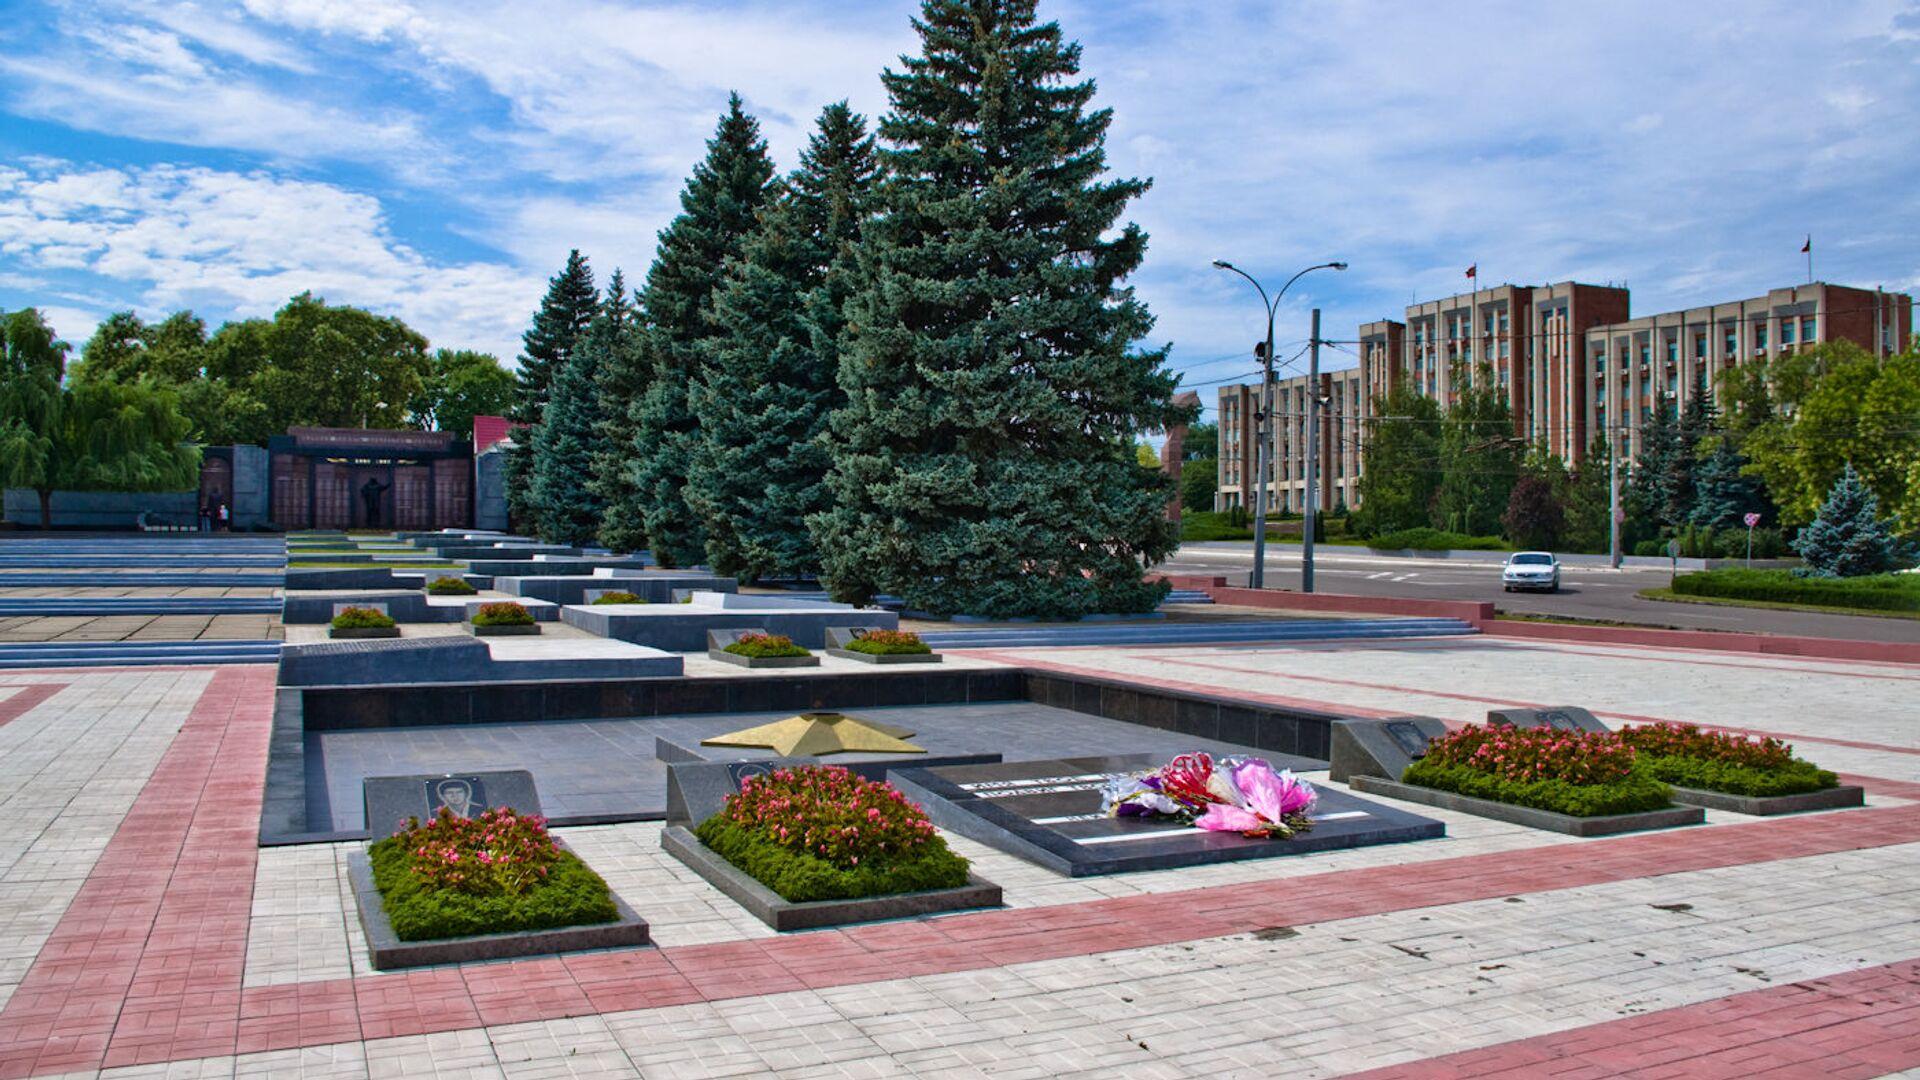 Мемориал Славы в Тирасполе, Приднестровье - РИА Новости, 1920, 09.05.2021